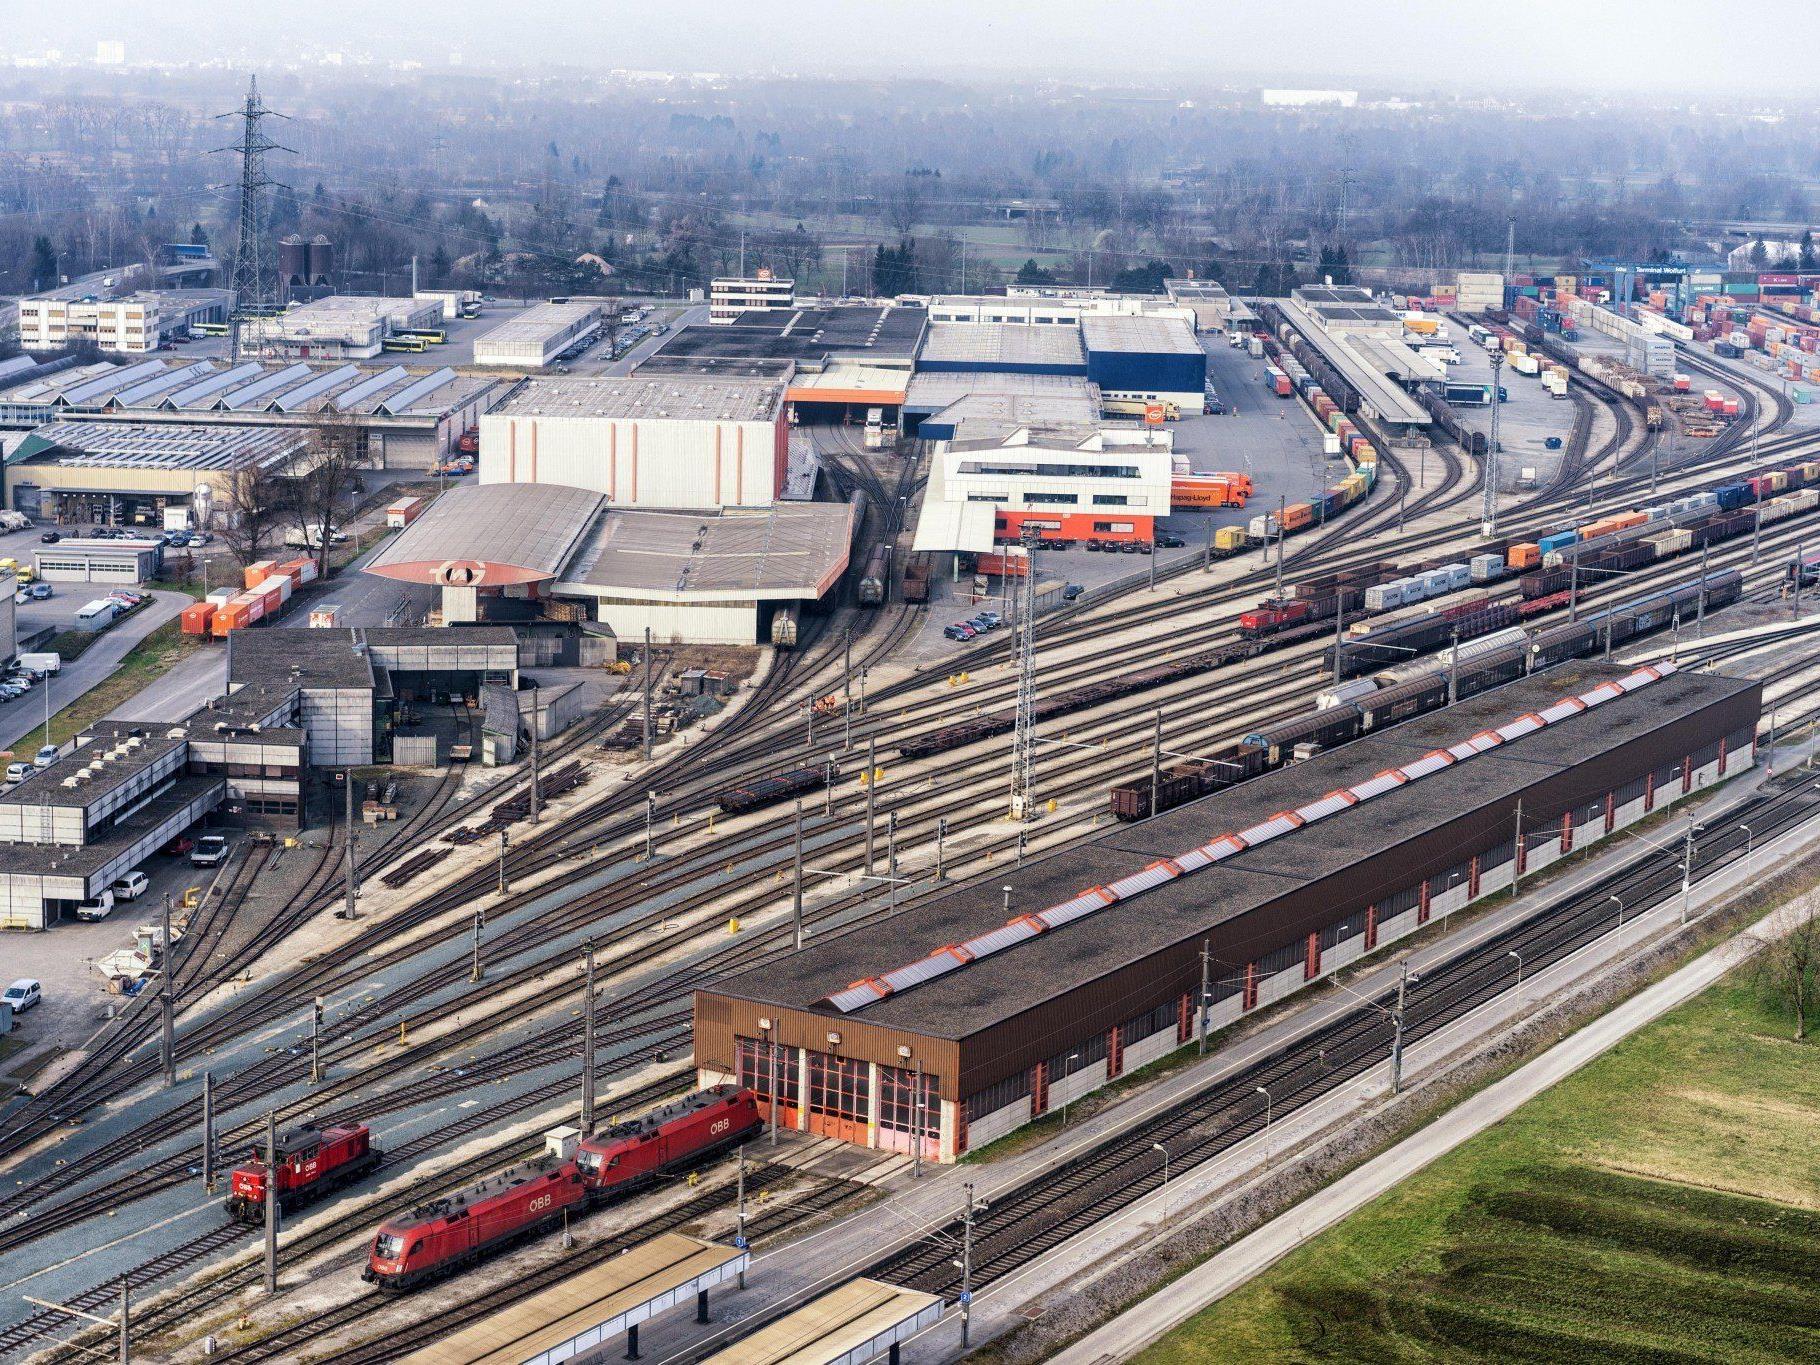 Die Kapazität des Güterbahnhofs wird verdoppelt. Kostenpunkt: 66 Mio. Euro.